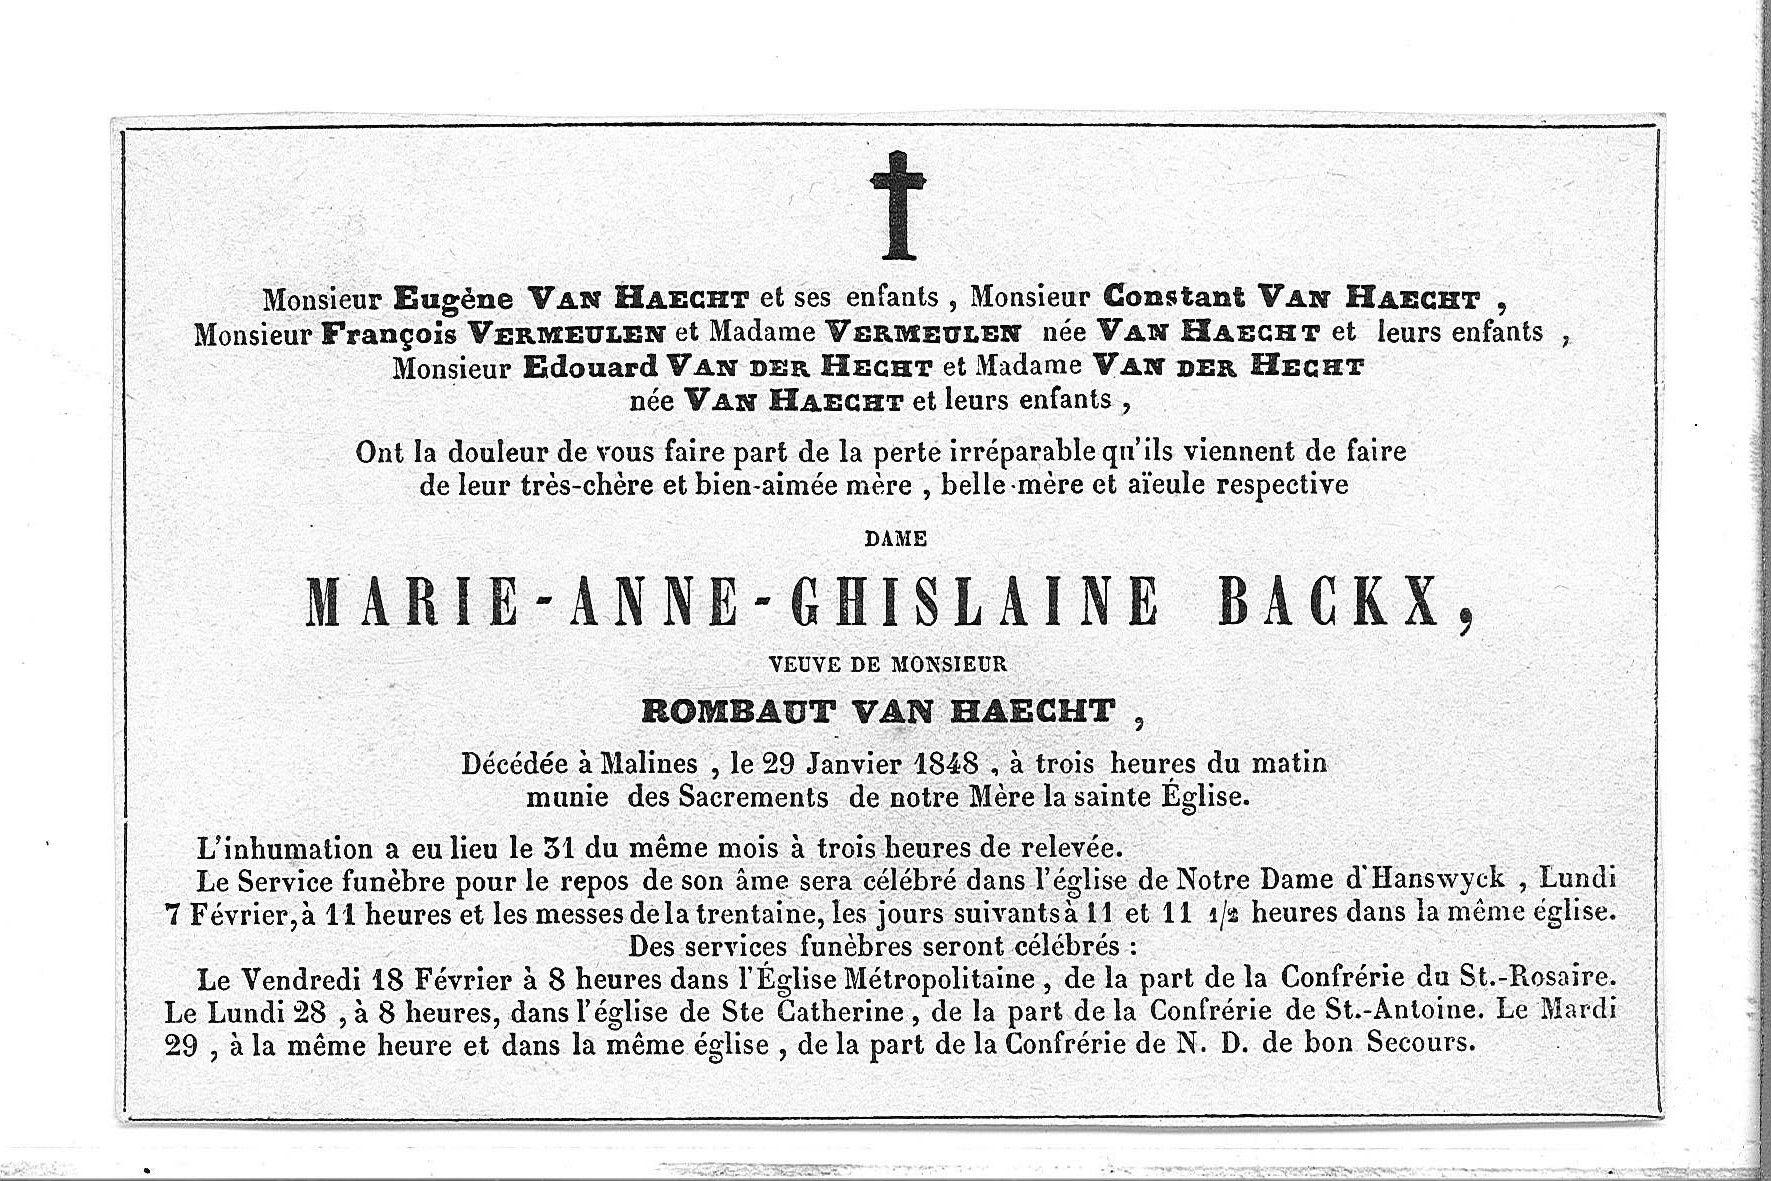 Marie-Anne-Ghislaine-(1848)-20121114113105_00001.jpg